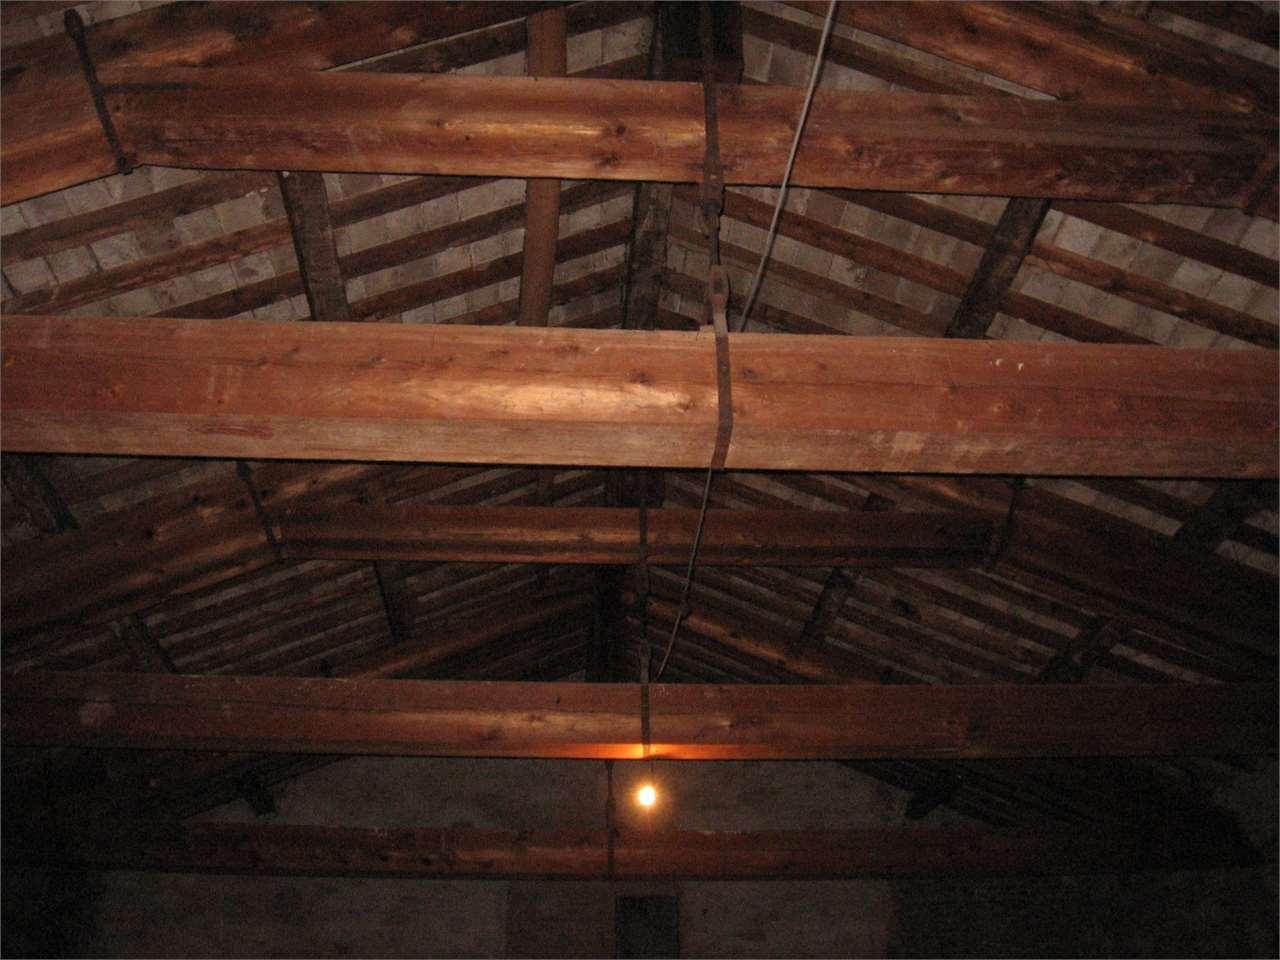 Palazzo stabile modena vendita zona centro storico 12500 for Ulteriori planimetrie